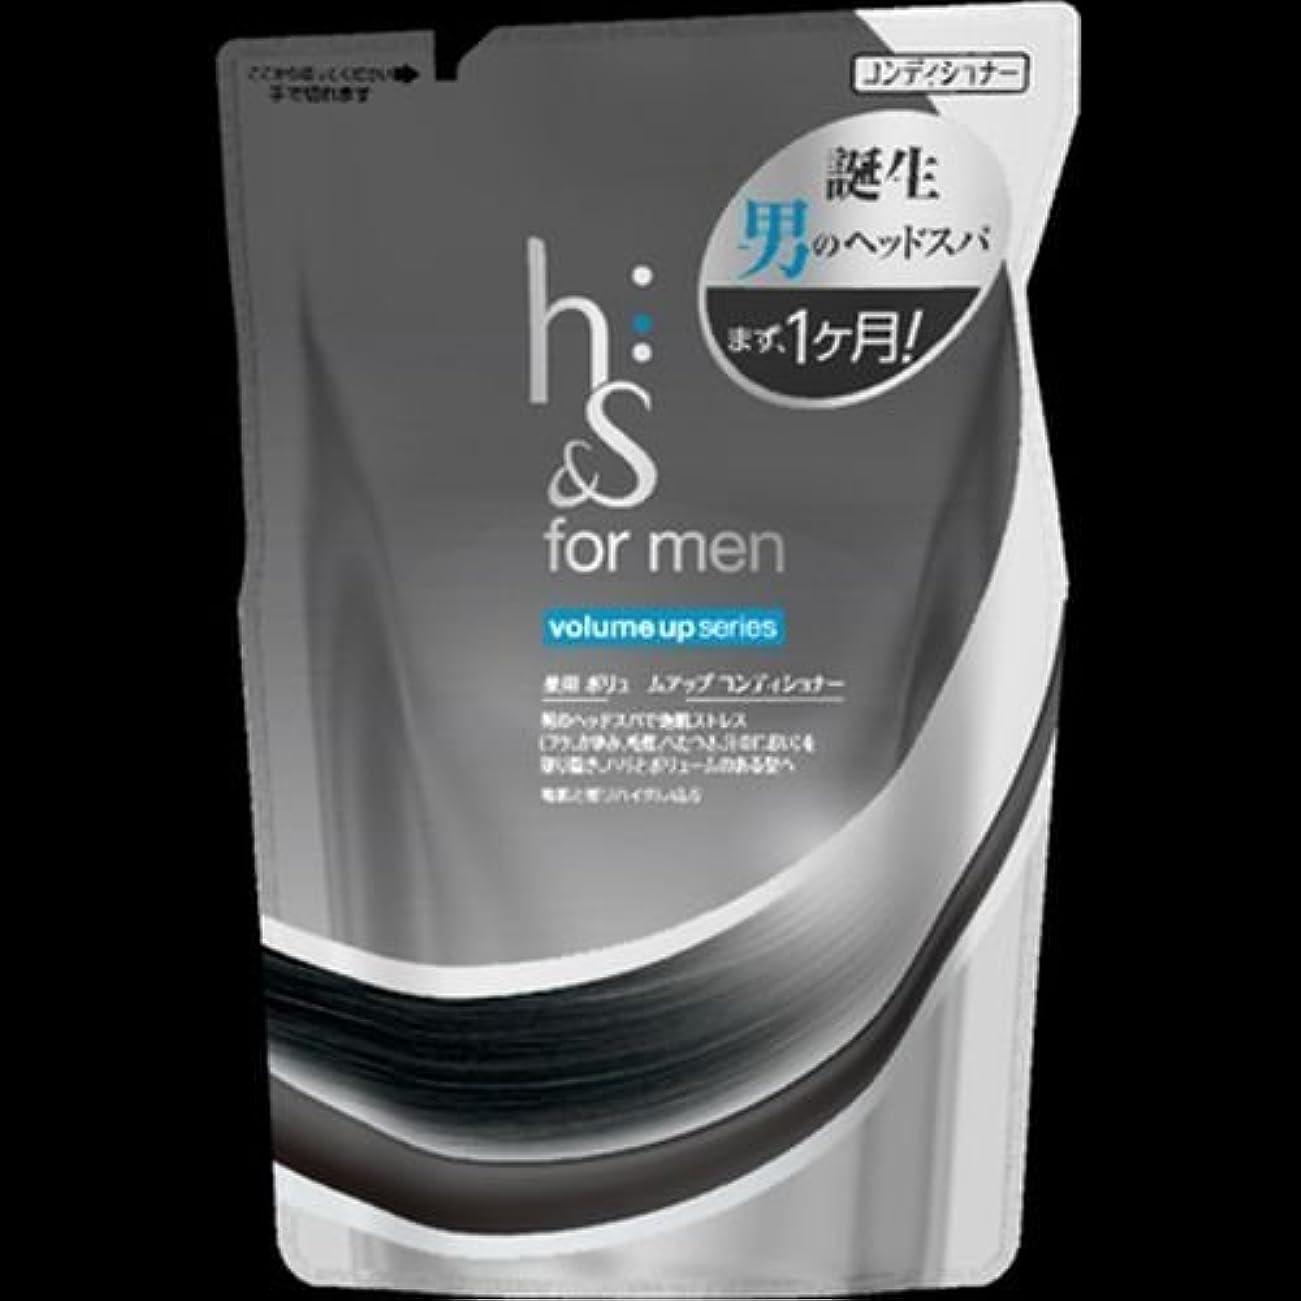 危機認識ベテラン【まとめ買い】h&s for men ボリュームアップコンディショナー つめかえ 340g ×2セット